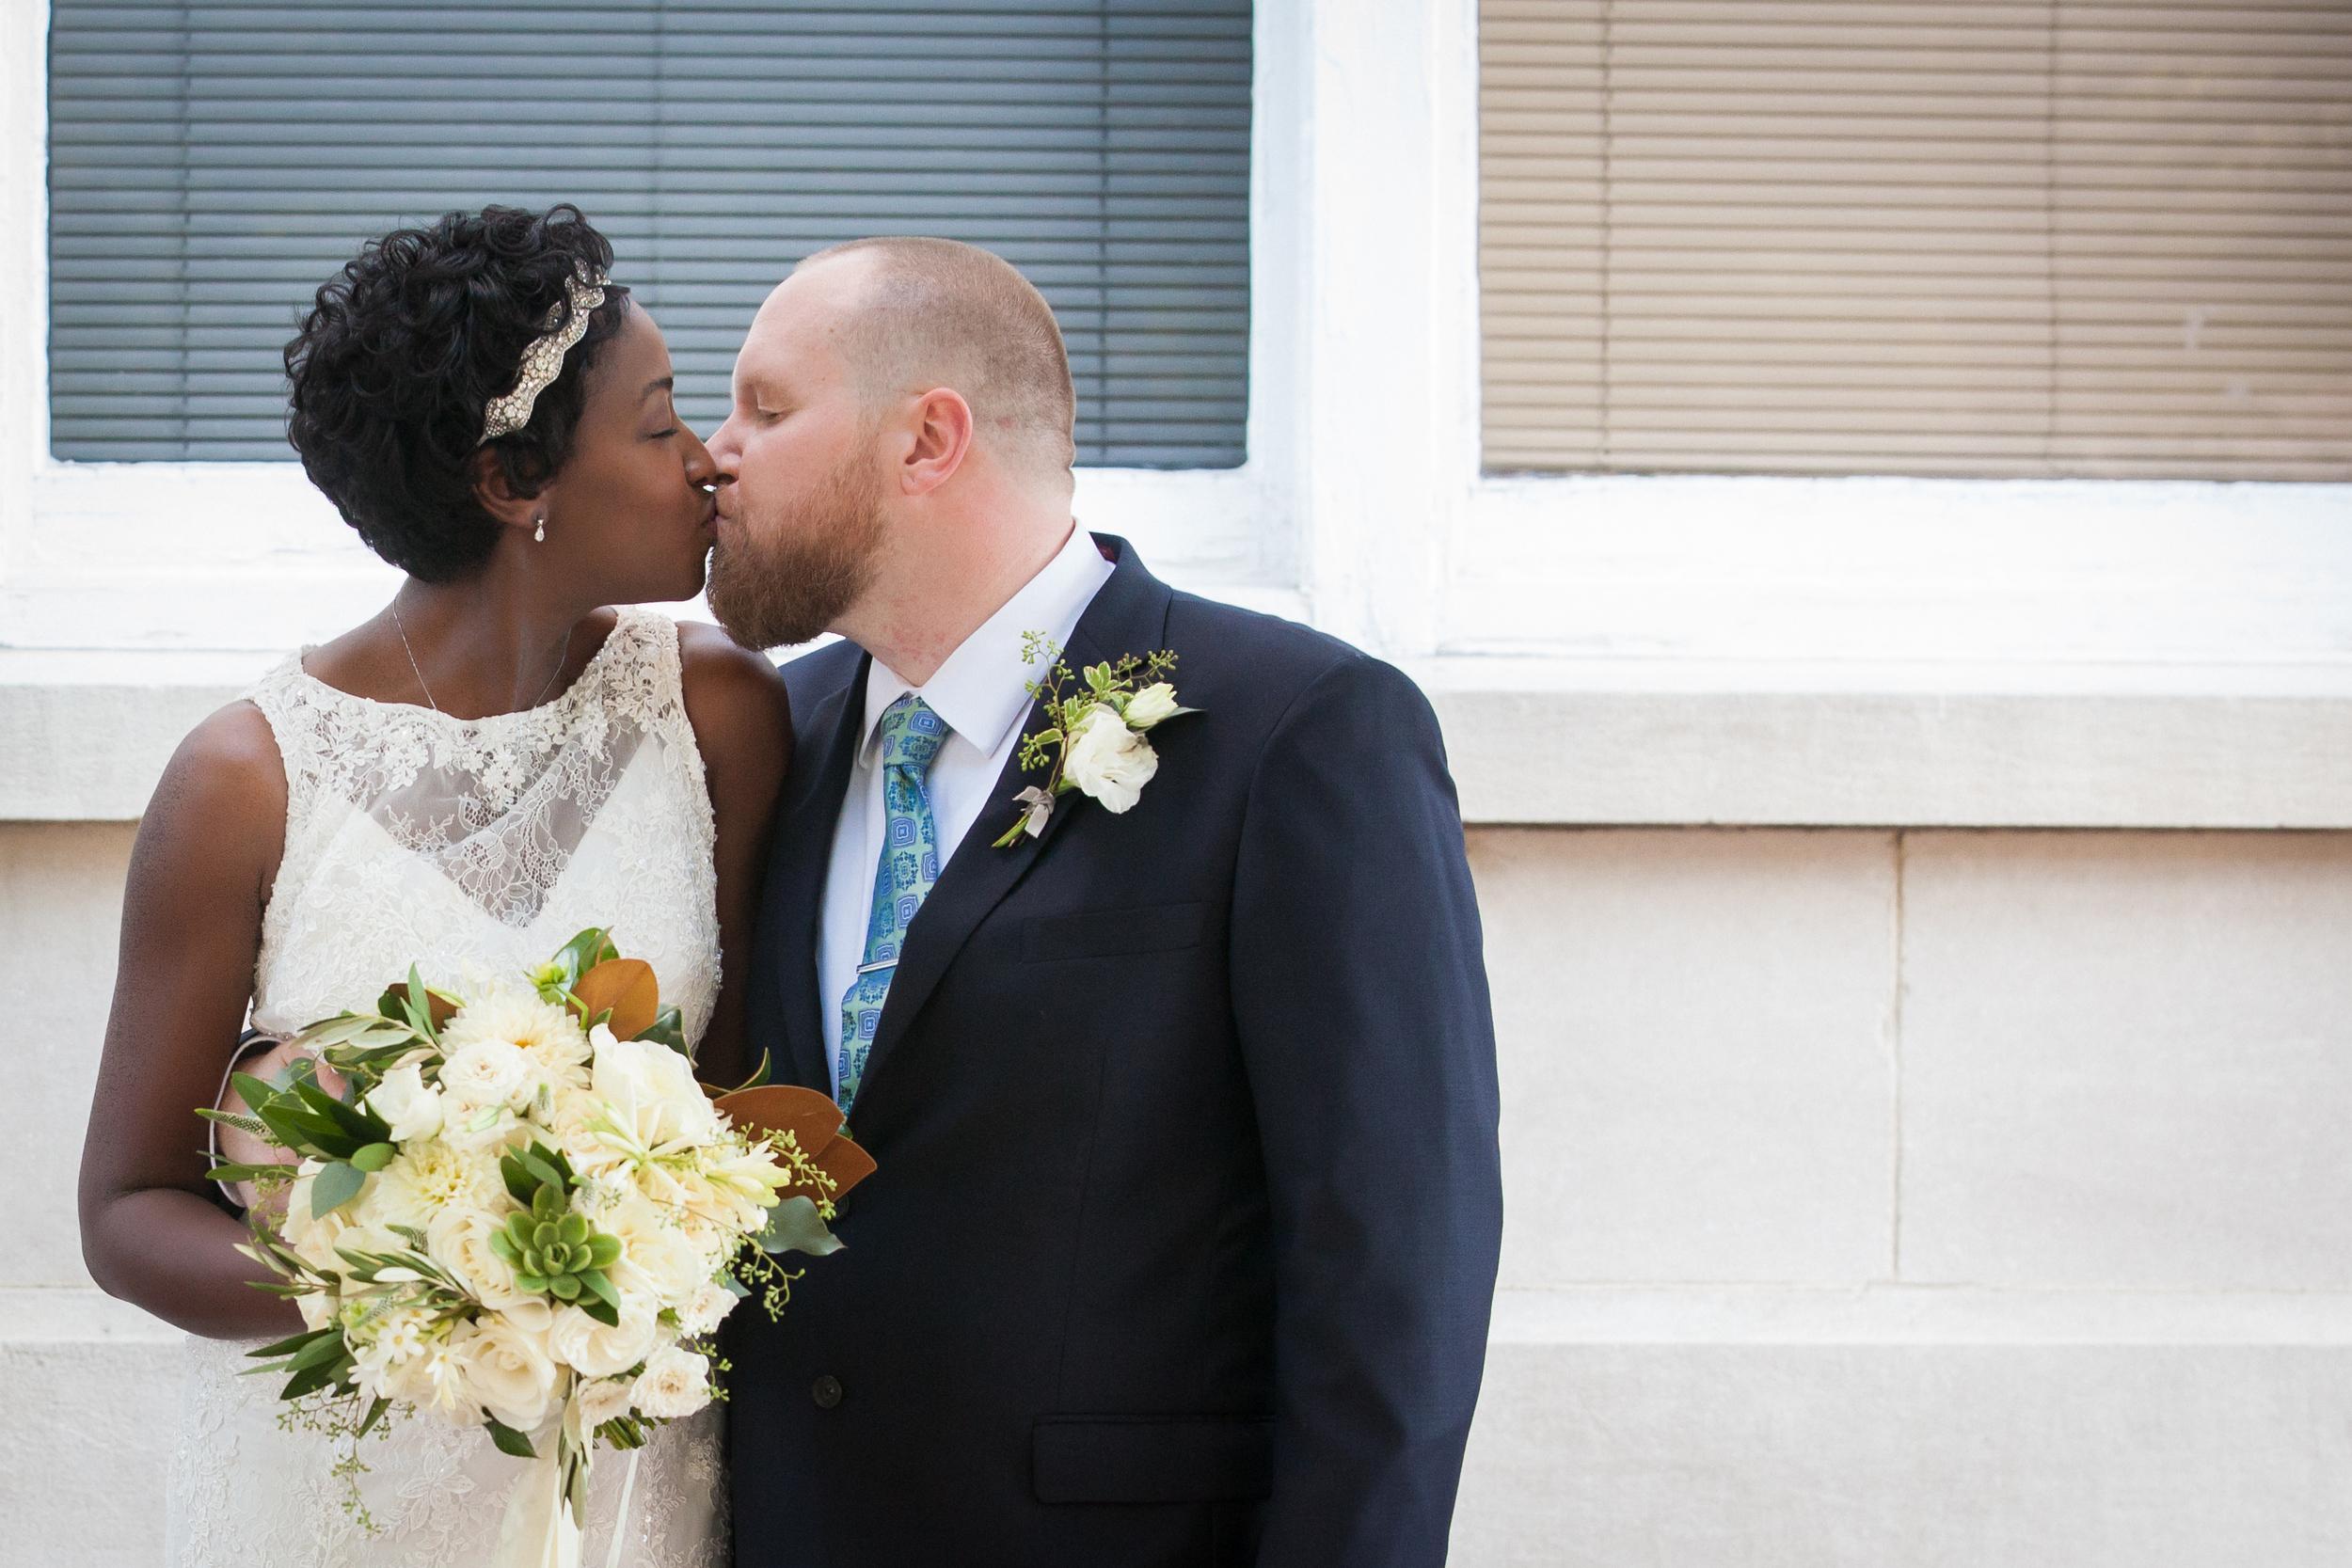 ashley_john-wedding-080815-351.jpg